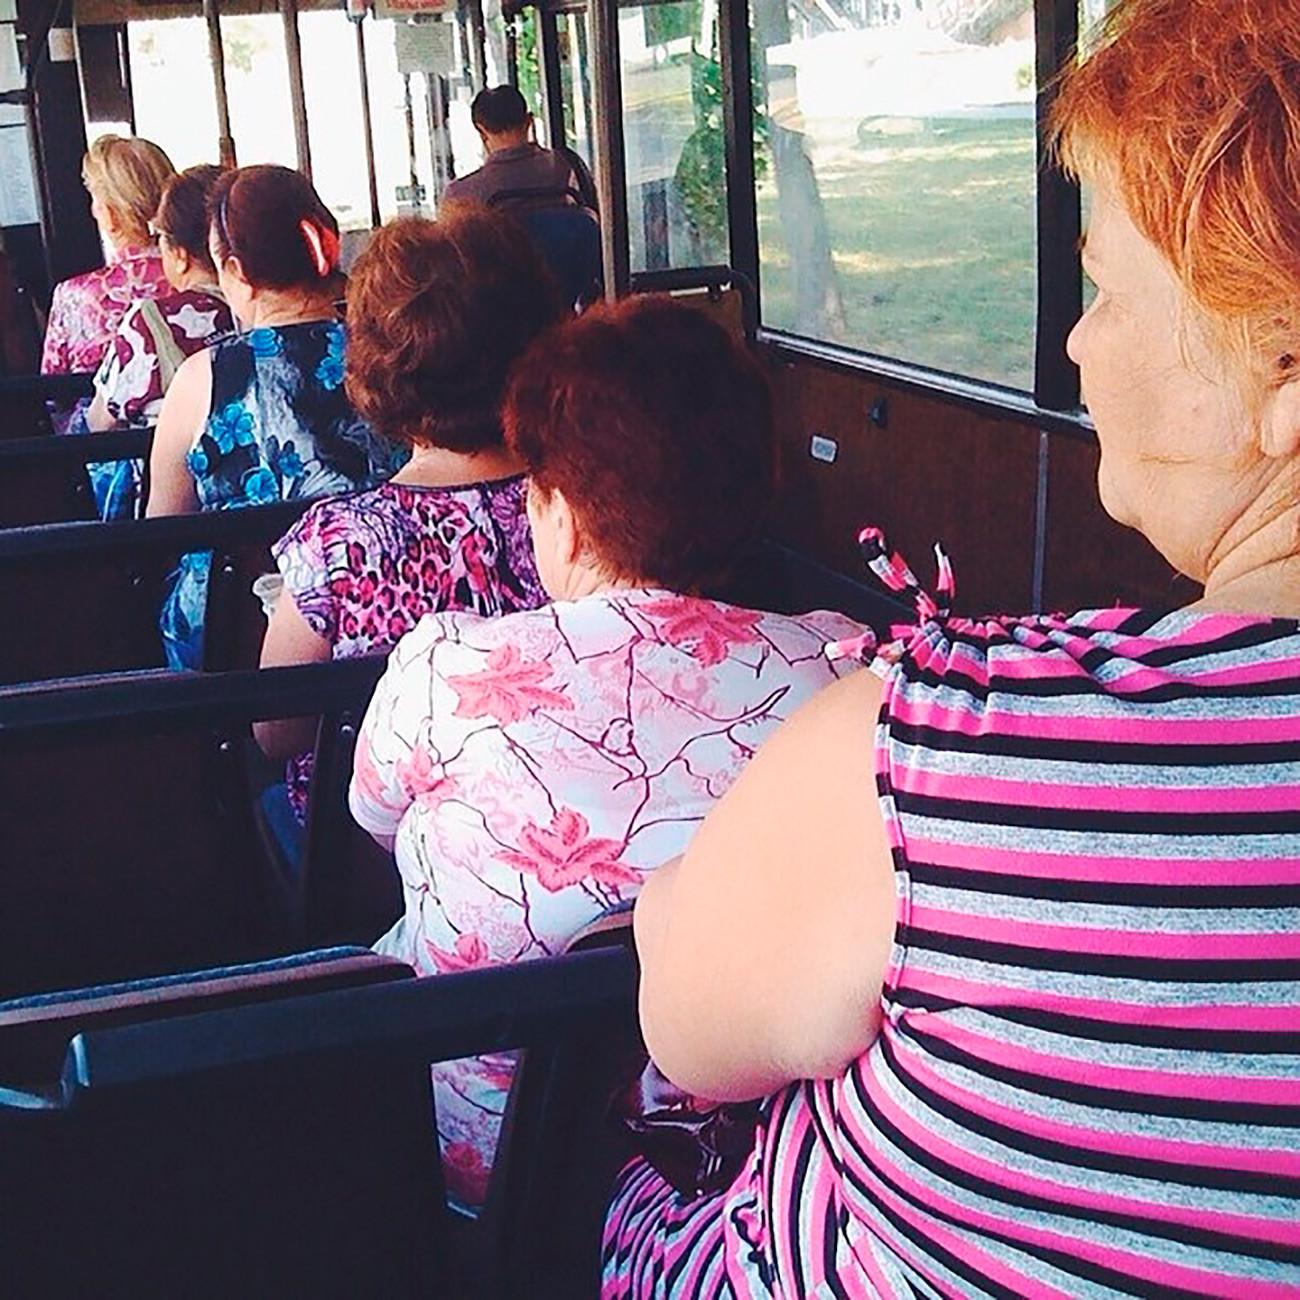 「なぜこれほど多くのバーブシカたちが朝から公共交通機関を使うのか誰も知らない。中には、毎日午前6時に何かの謀議か秘密の集会が行われているのだと信じている人もいる」